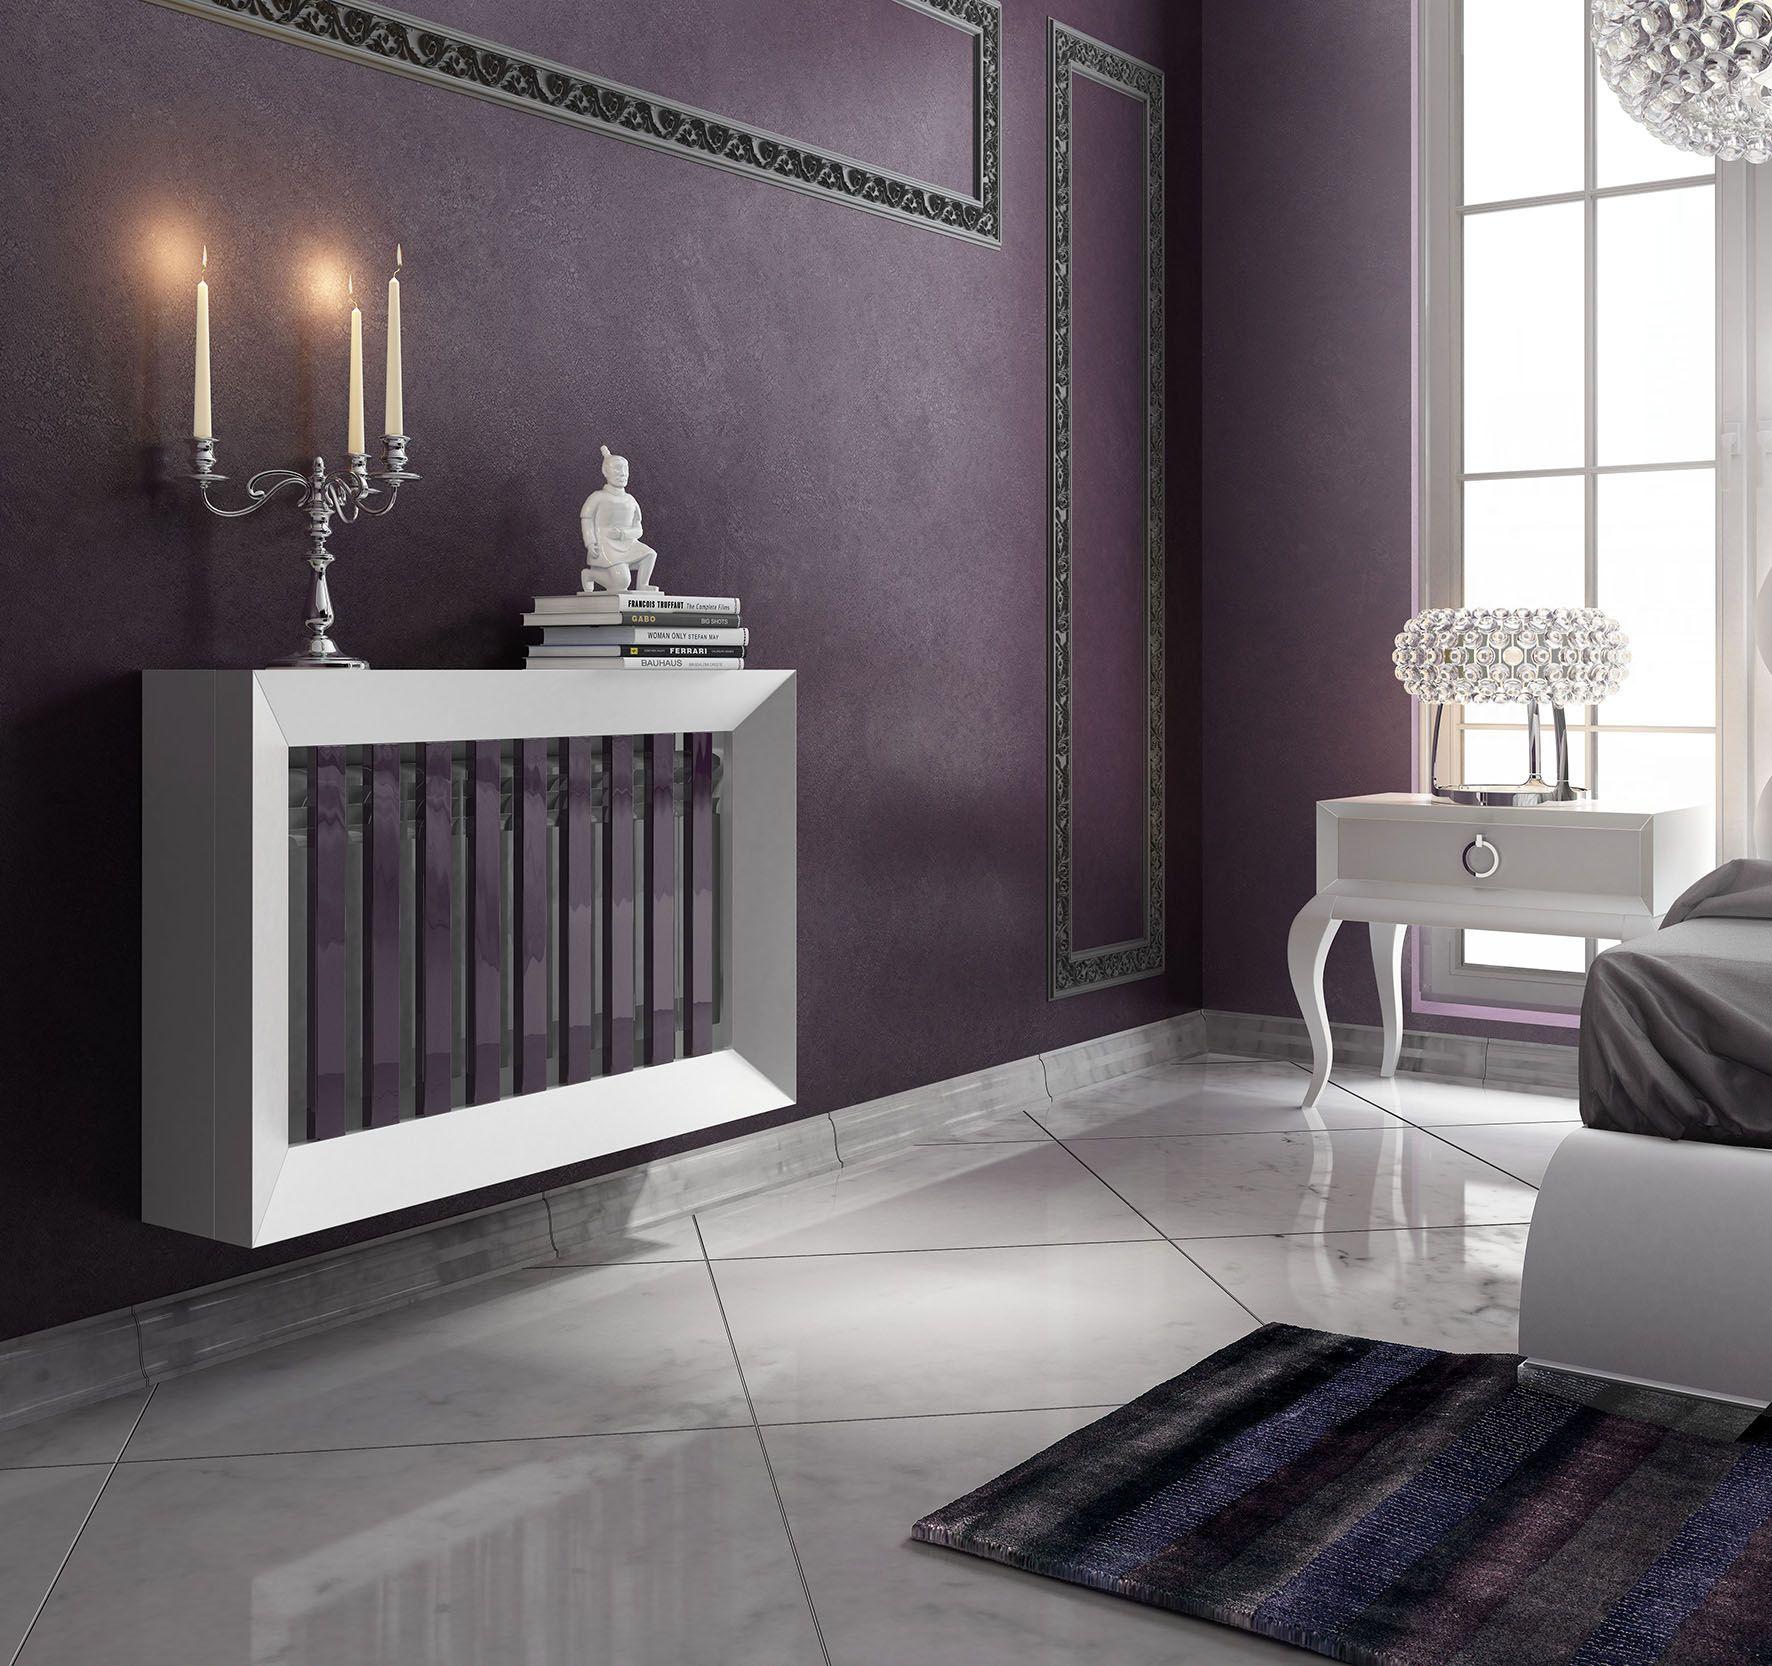 Cubreradiadores Diseño Moderno | Diseño moderno, Muebles de salón y ...